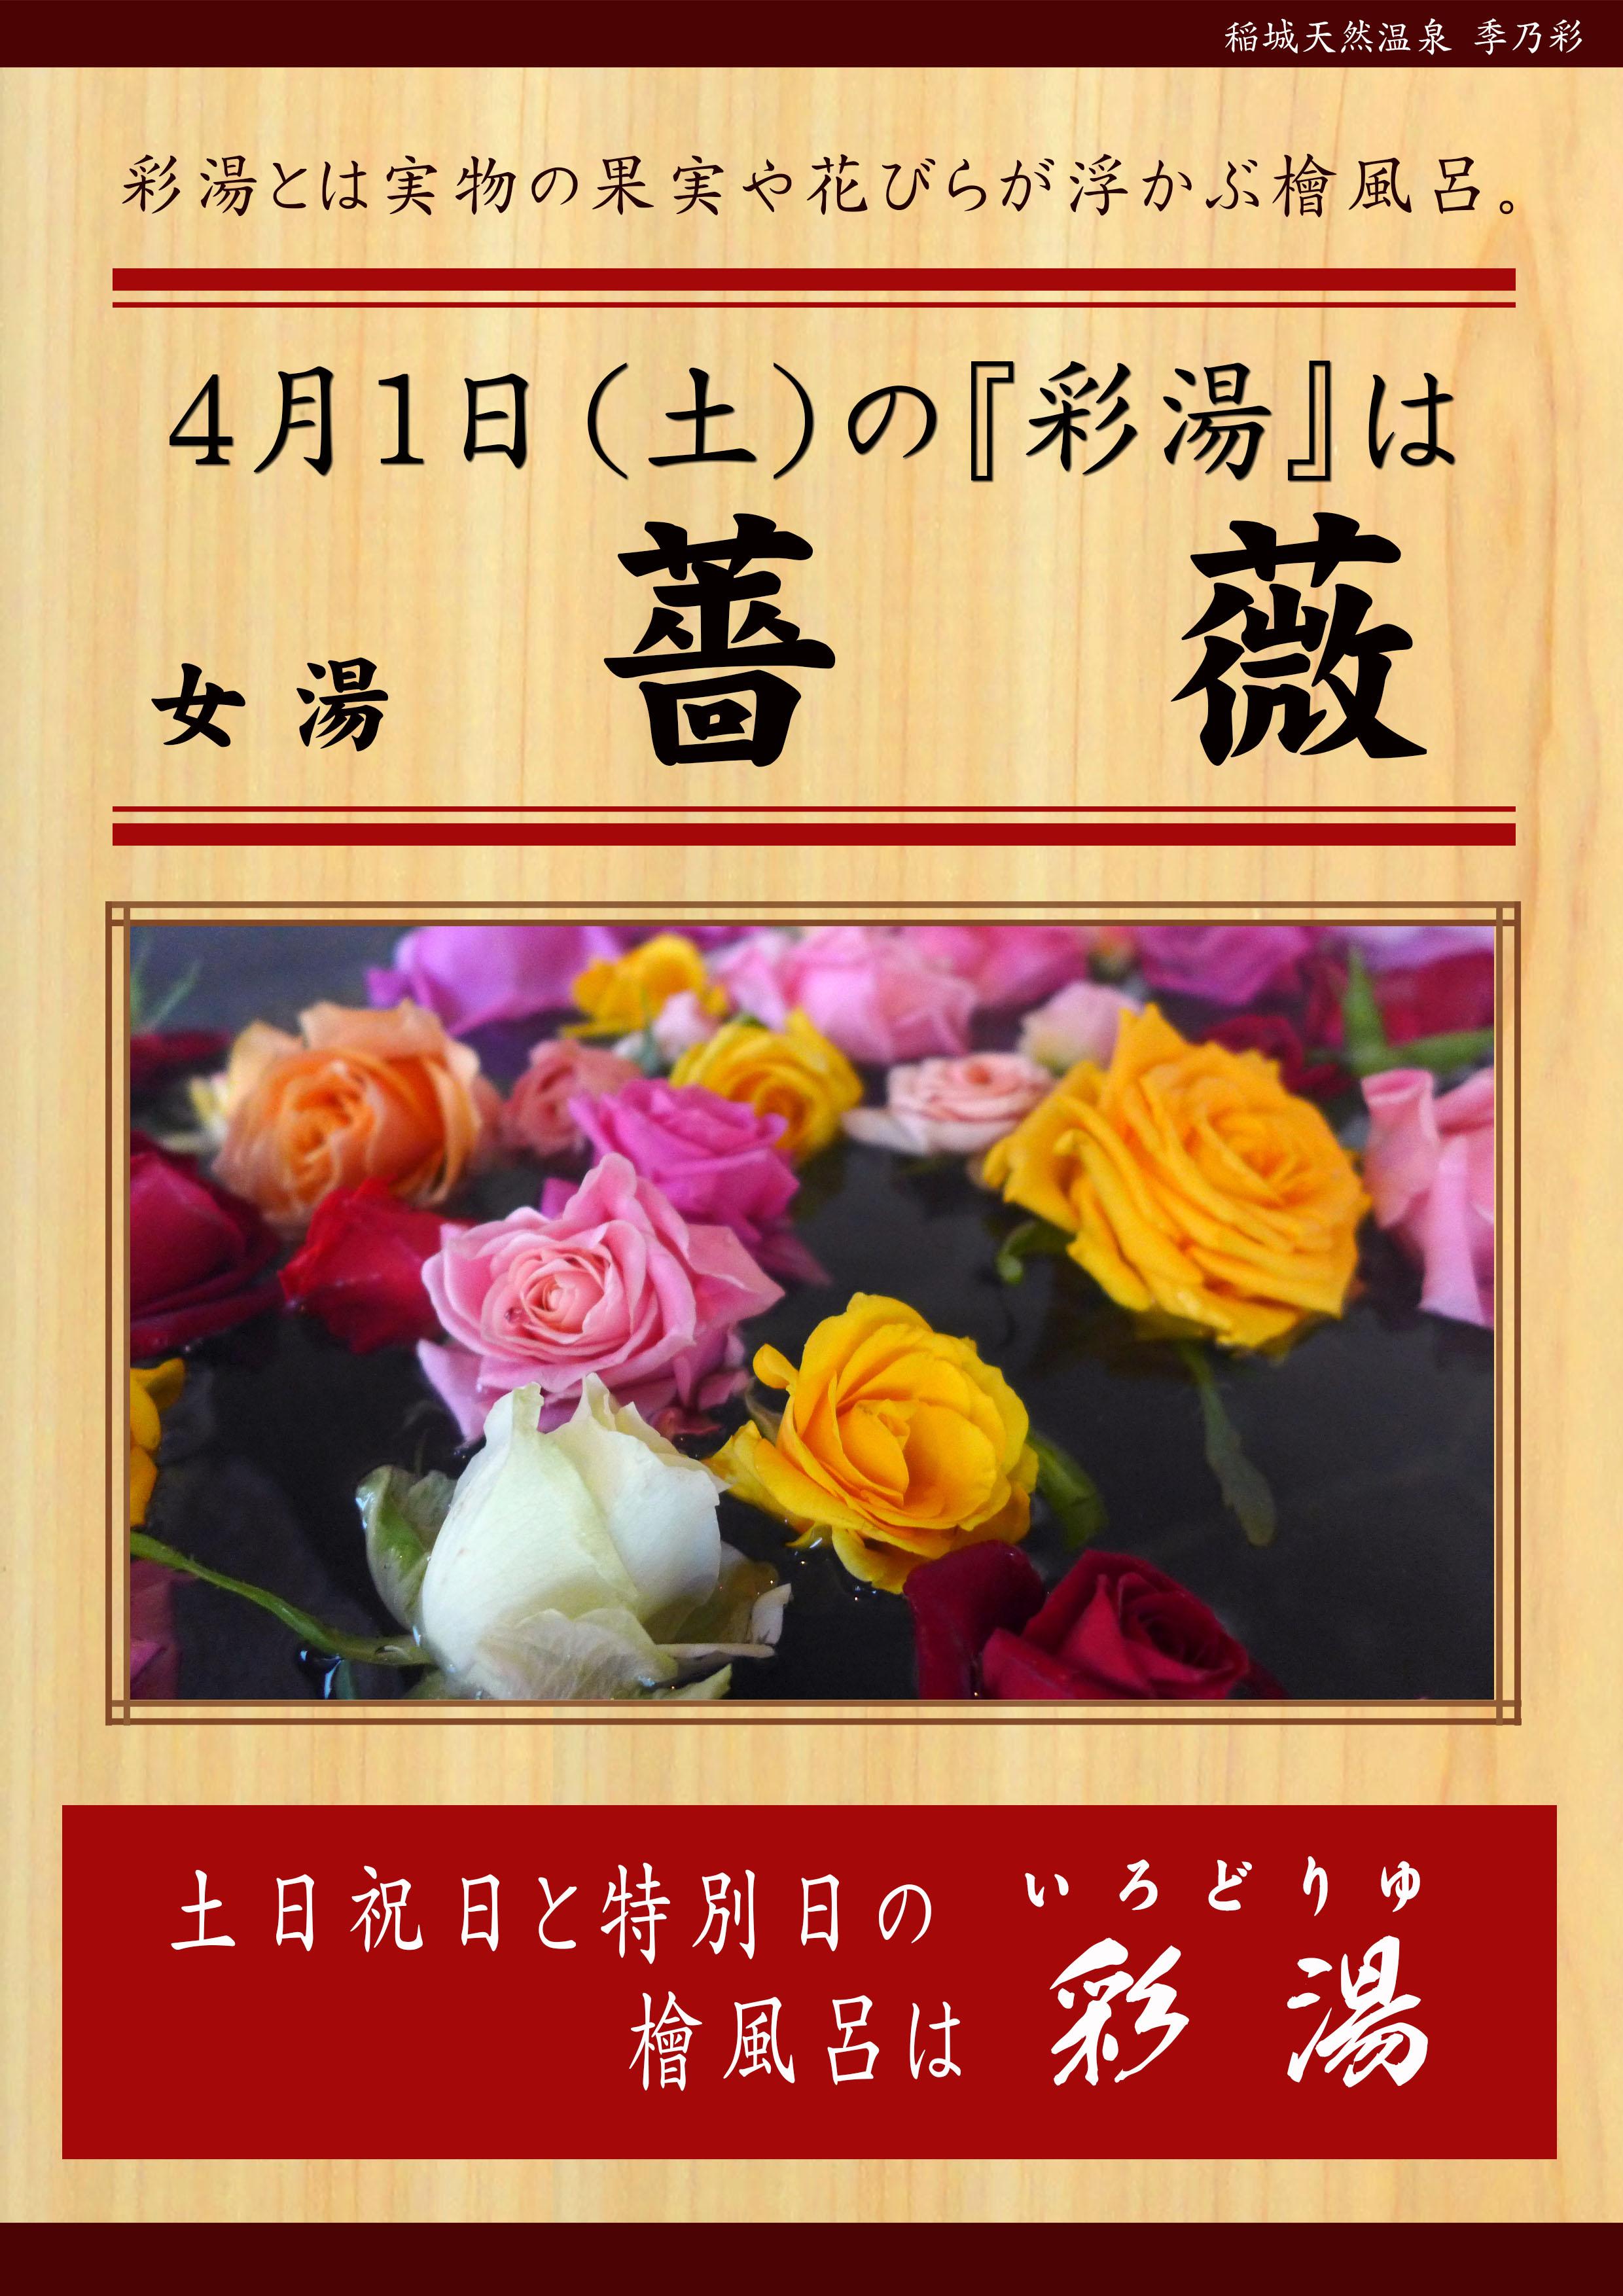 20170401POP イベント 彩湯 女湯 薔薇